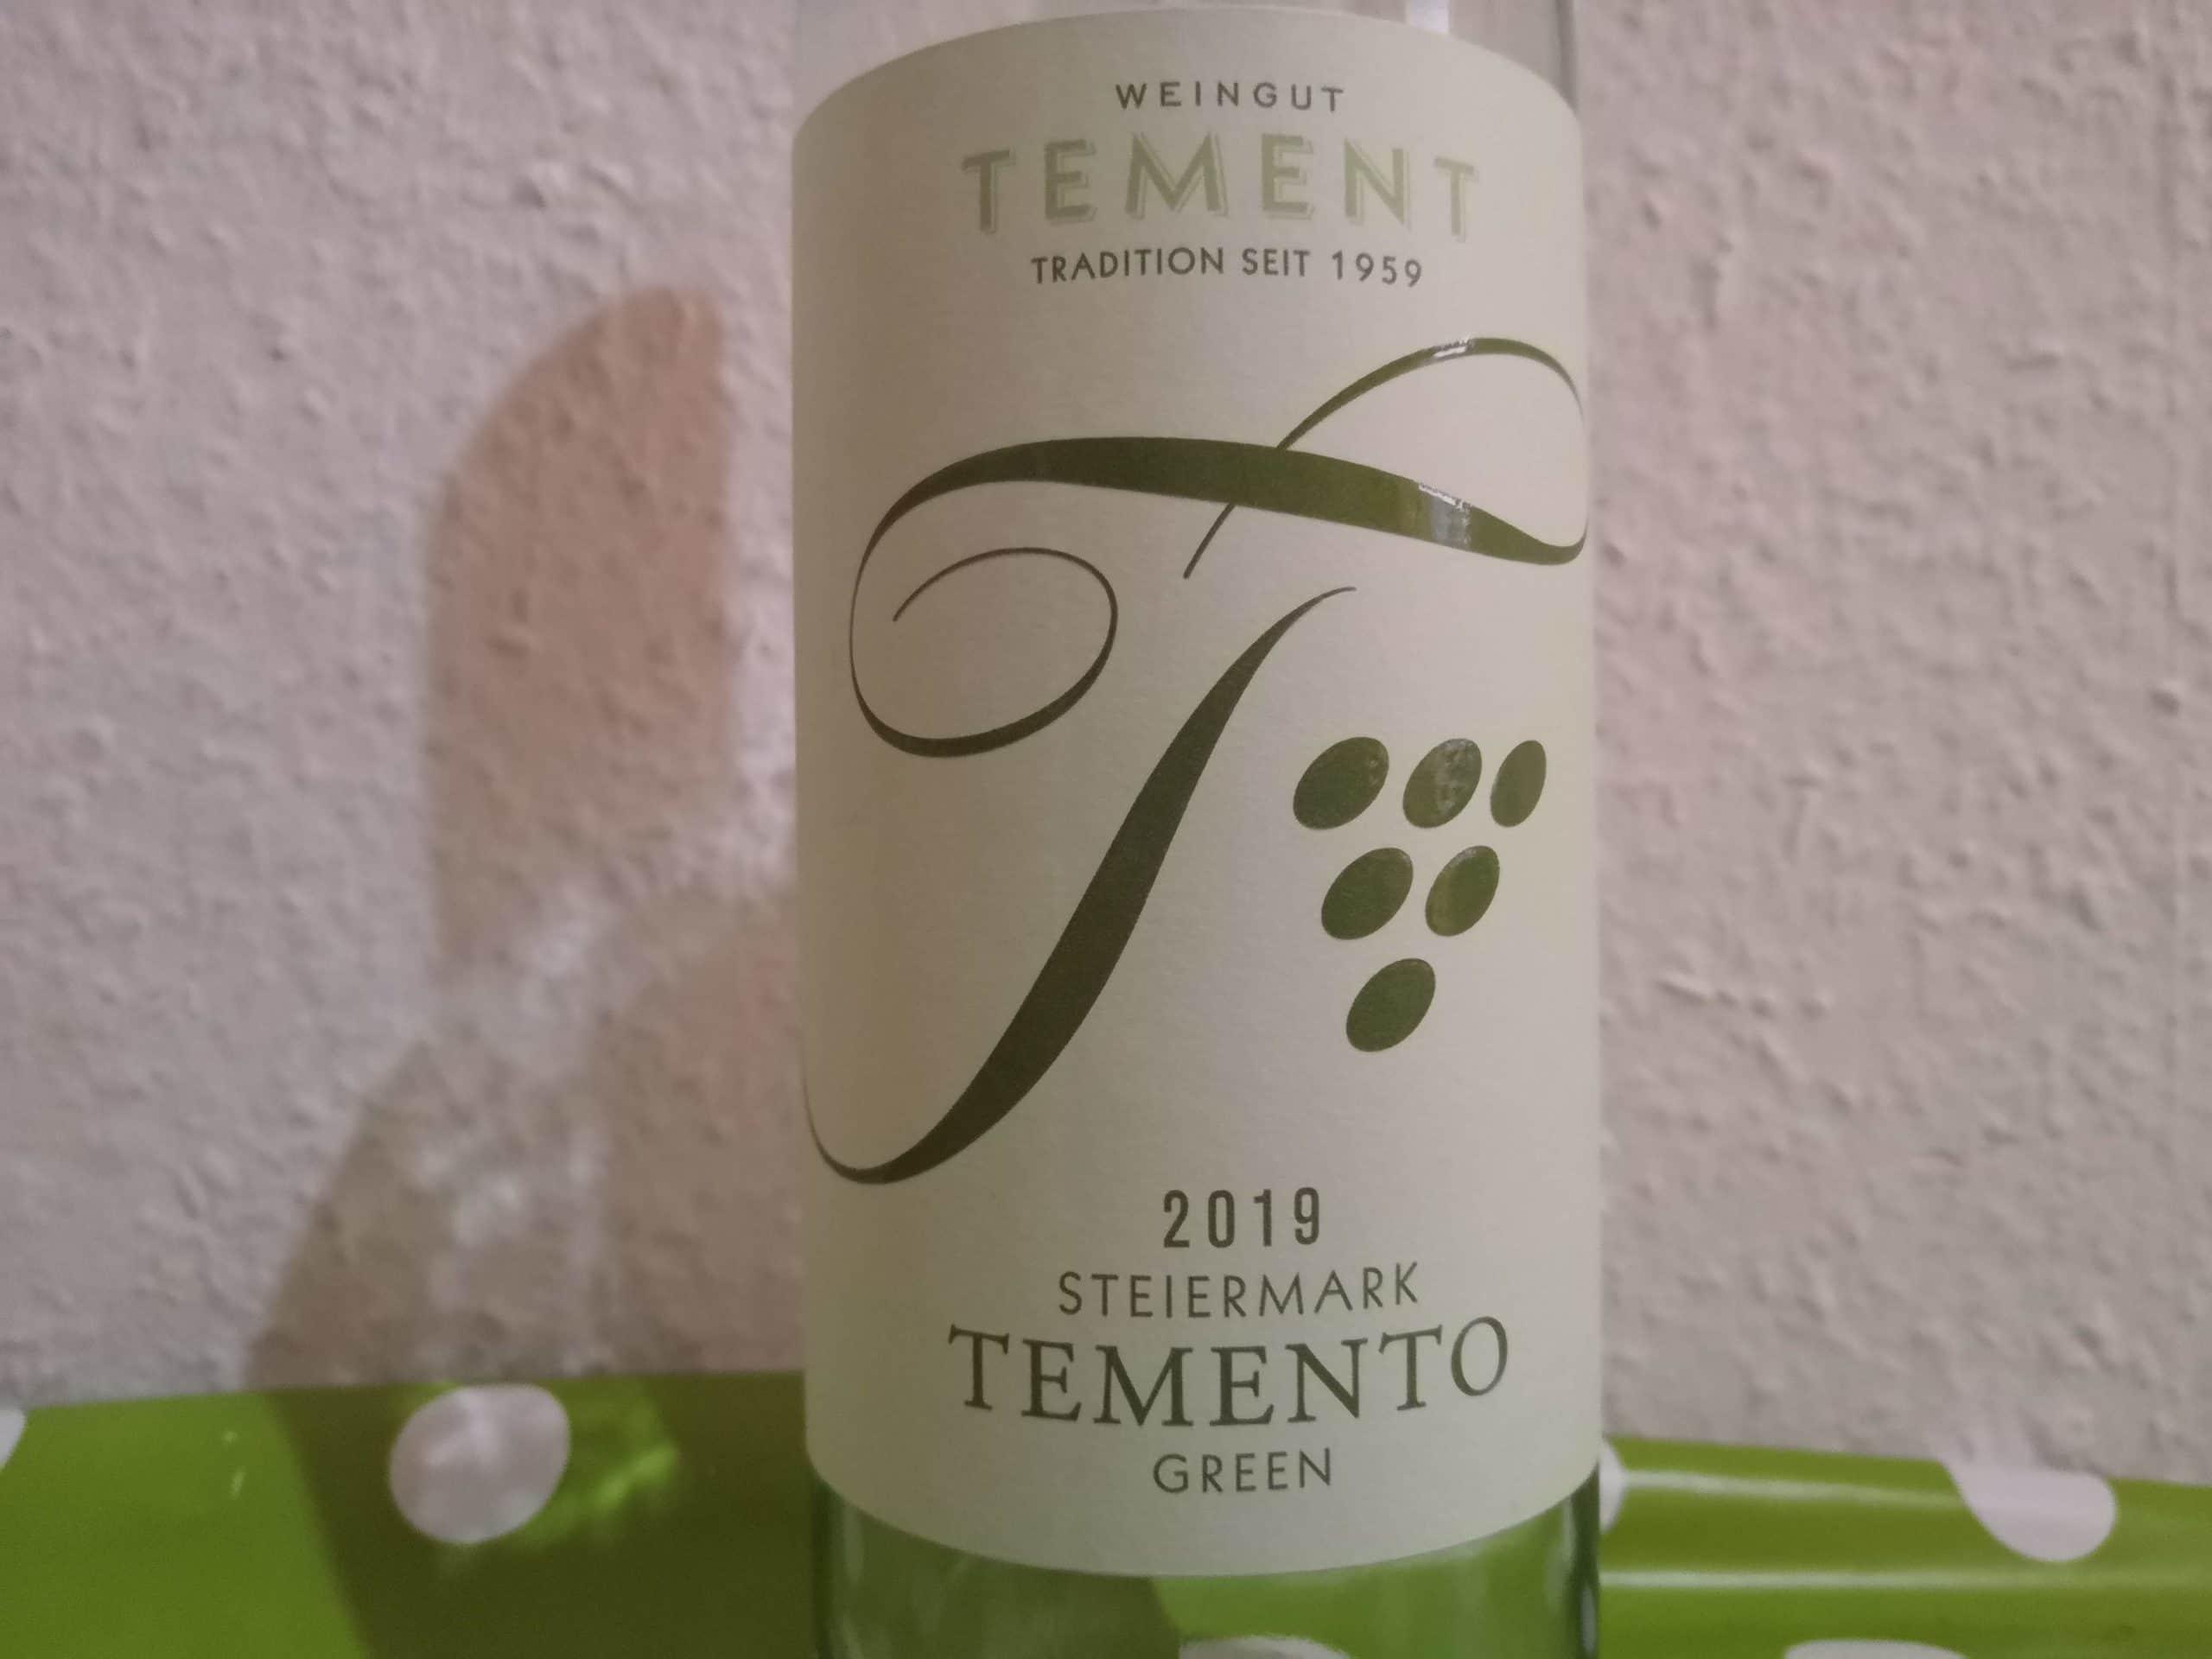 2019er Temento Green trocken vom Weingut Tement